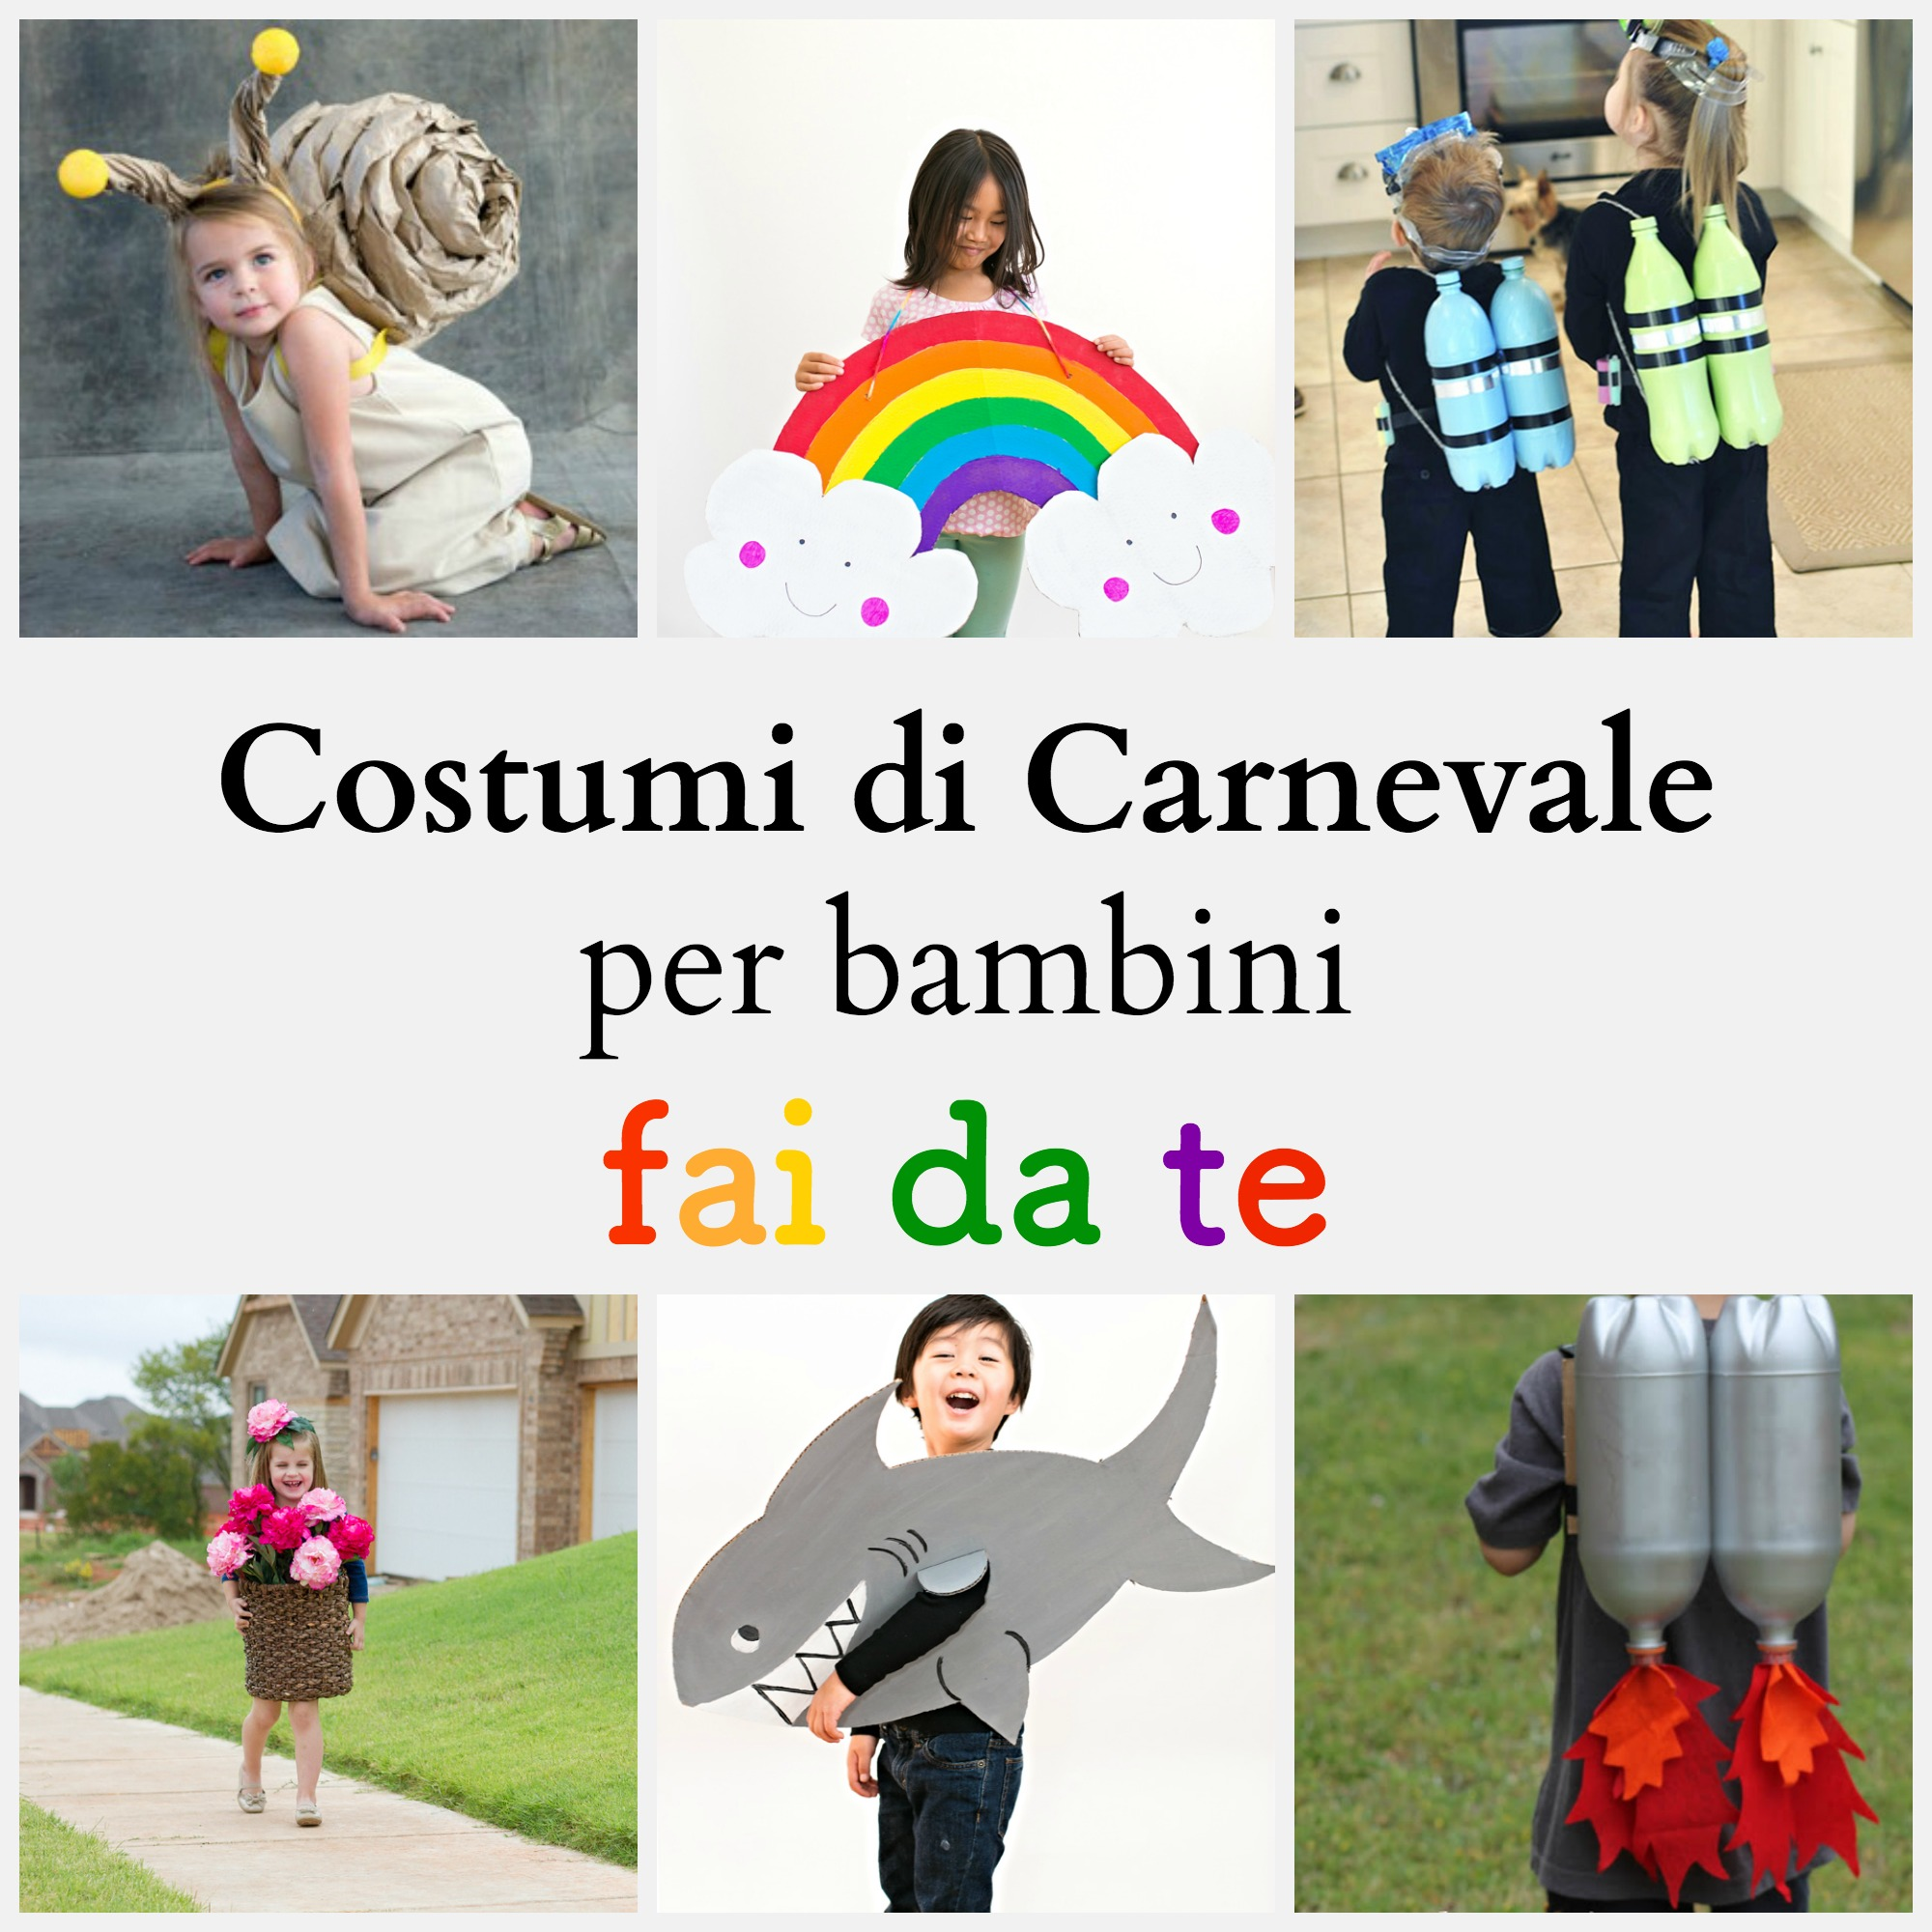 morbido e leggero volume grande tecnologie sofisticate Costumi di Carnevale per bambini fai da te - BabyGreen